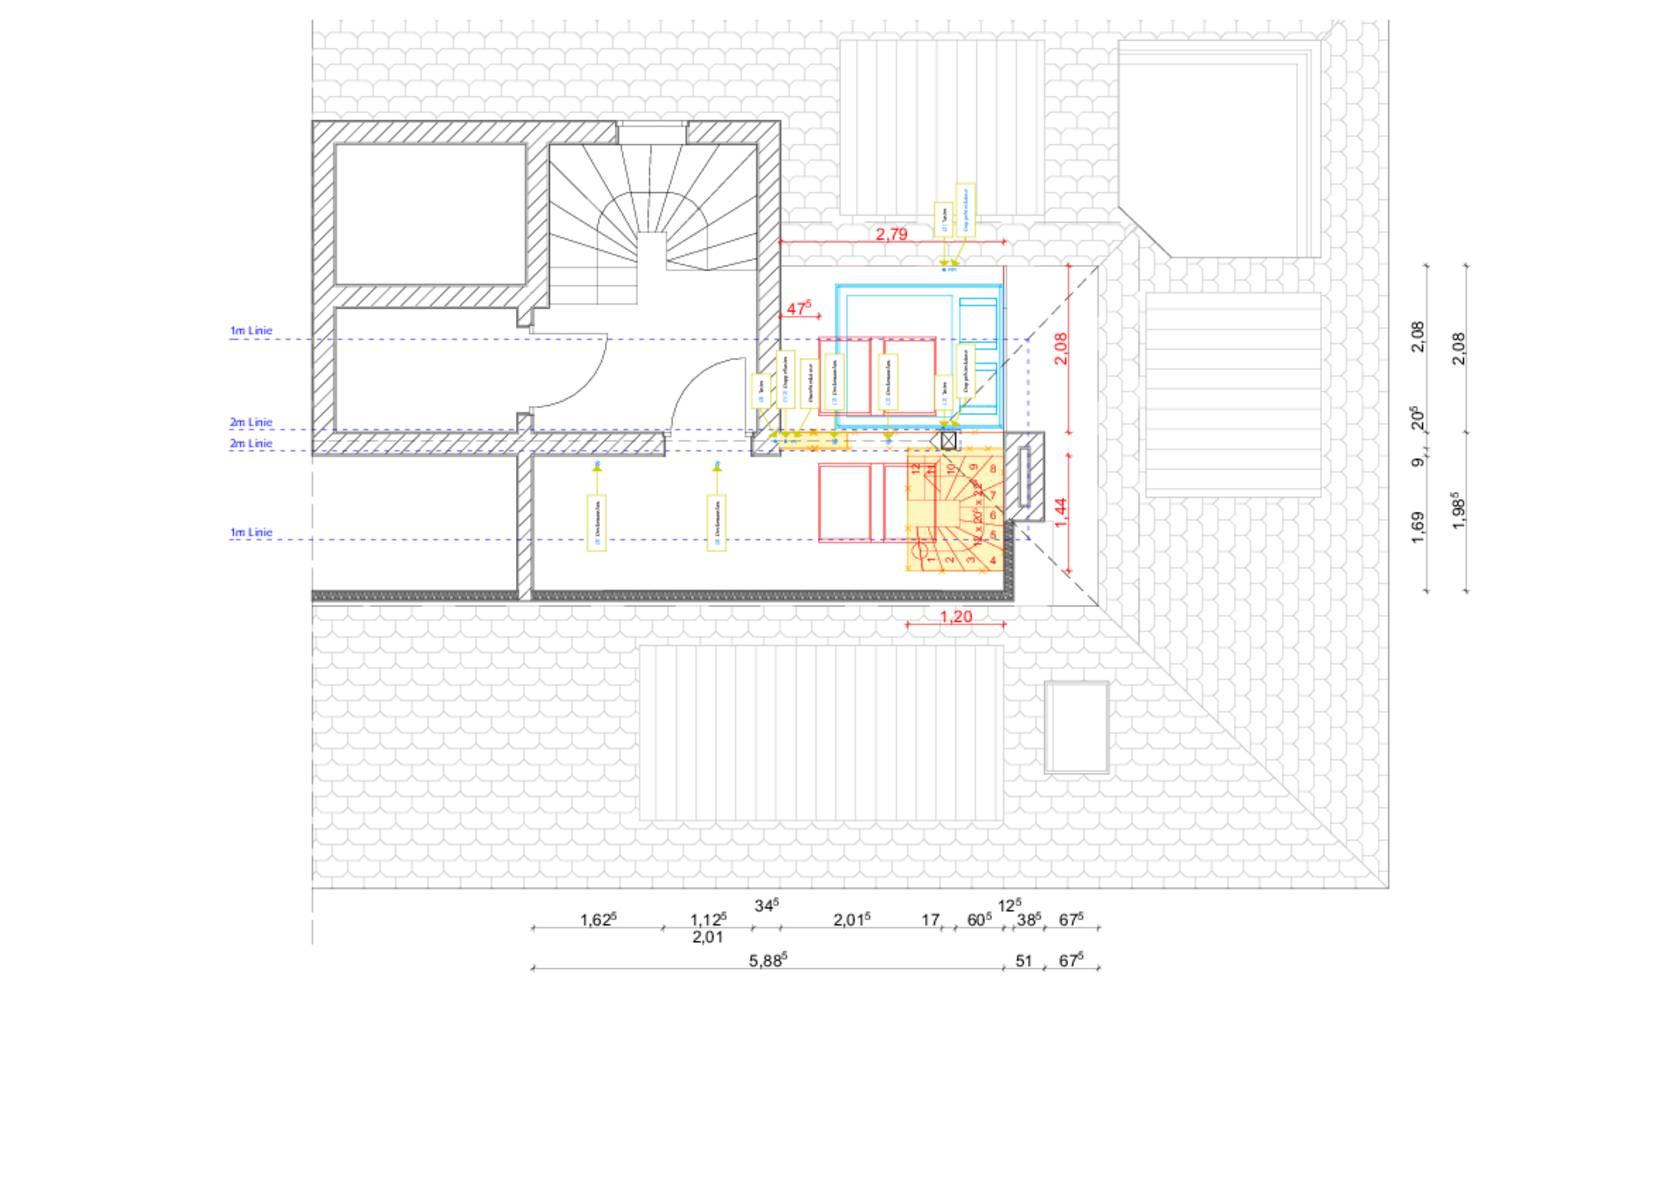 Raumbildender Ausbau Im Dachgeschoss Grundriss Der Plattform